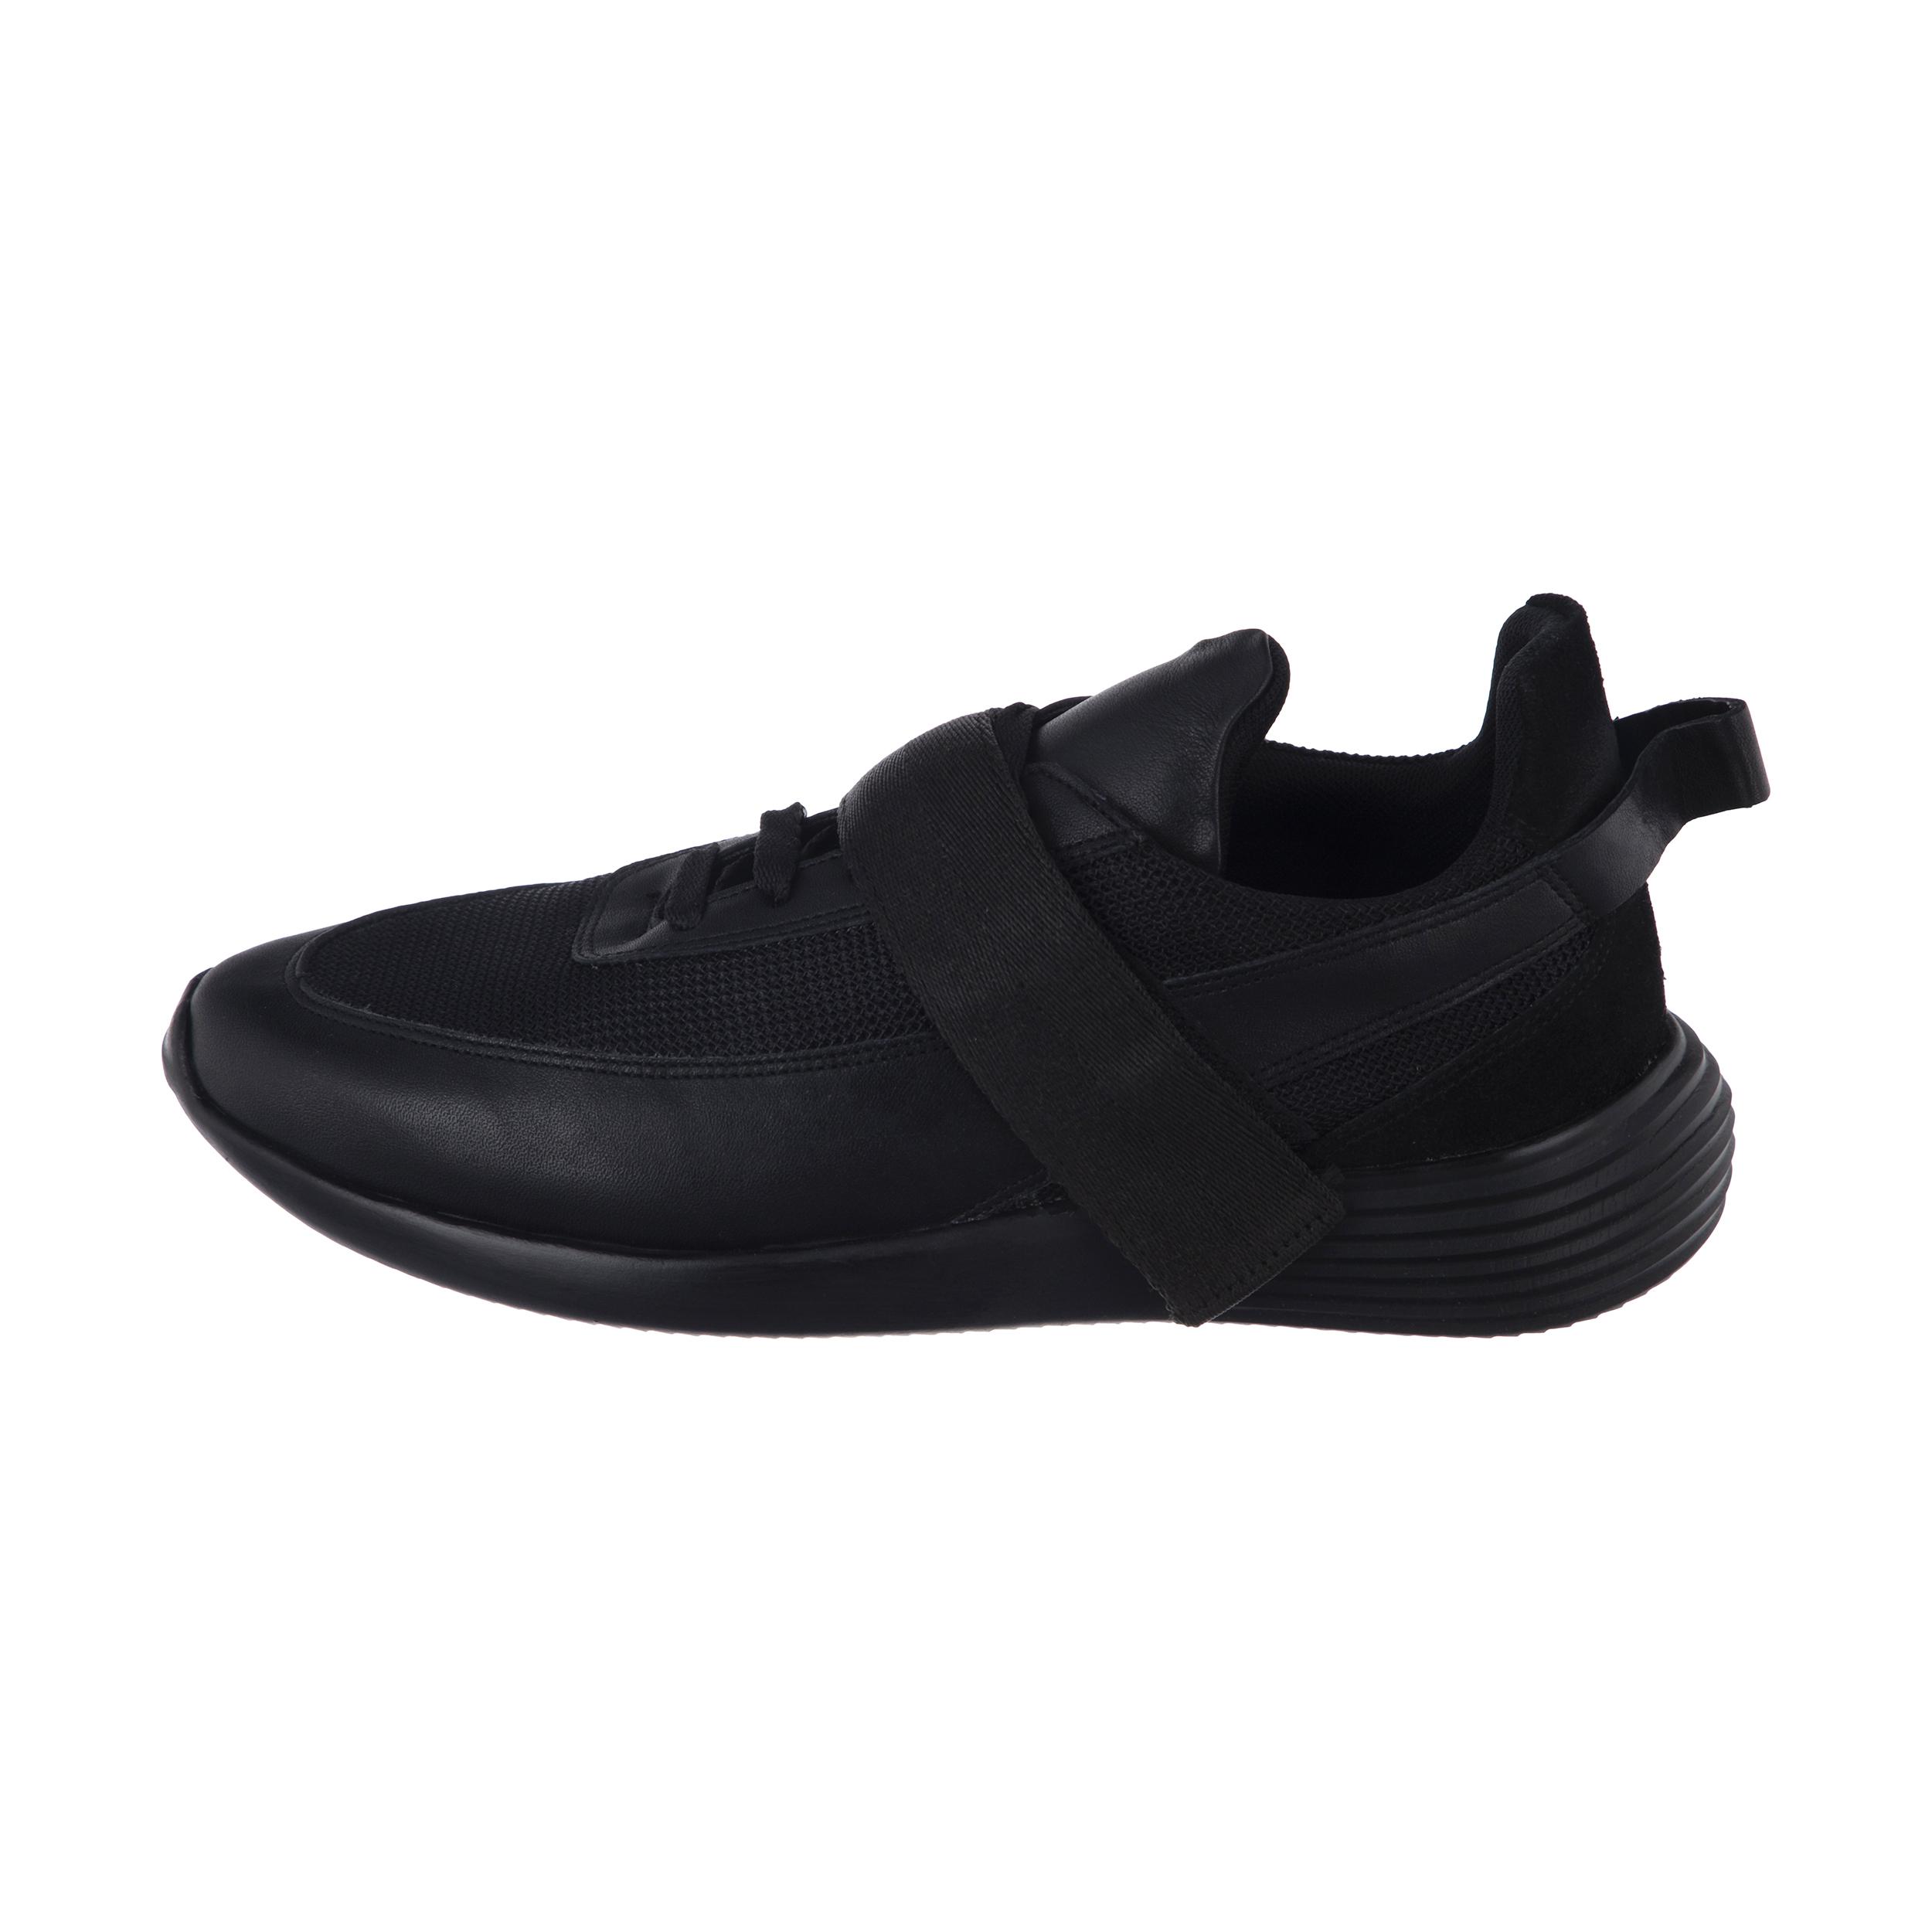 کفش روزمره زنانه آرتمن مدل Fando-41429